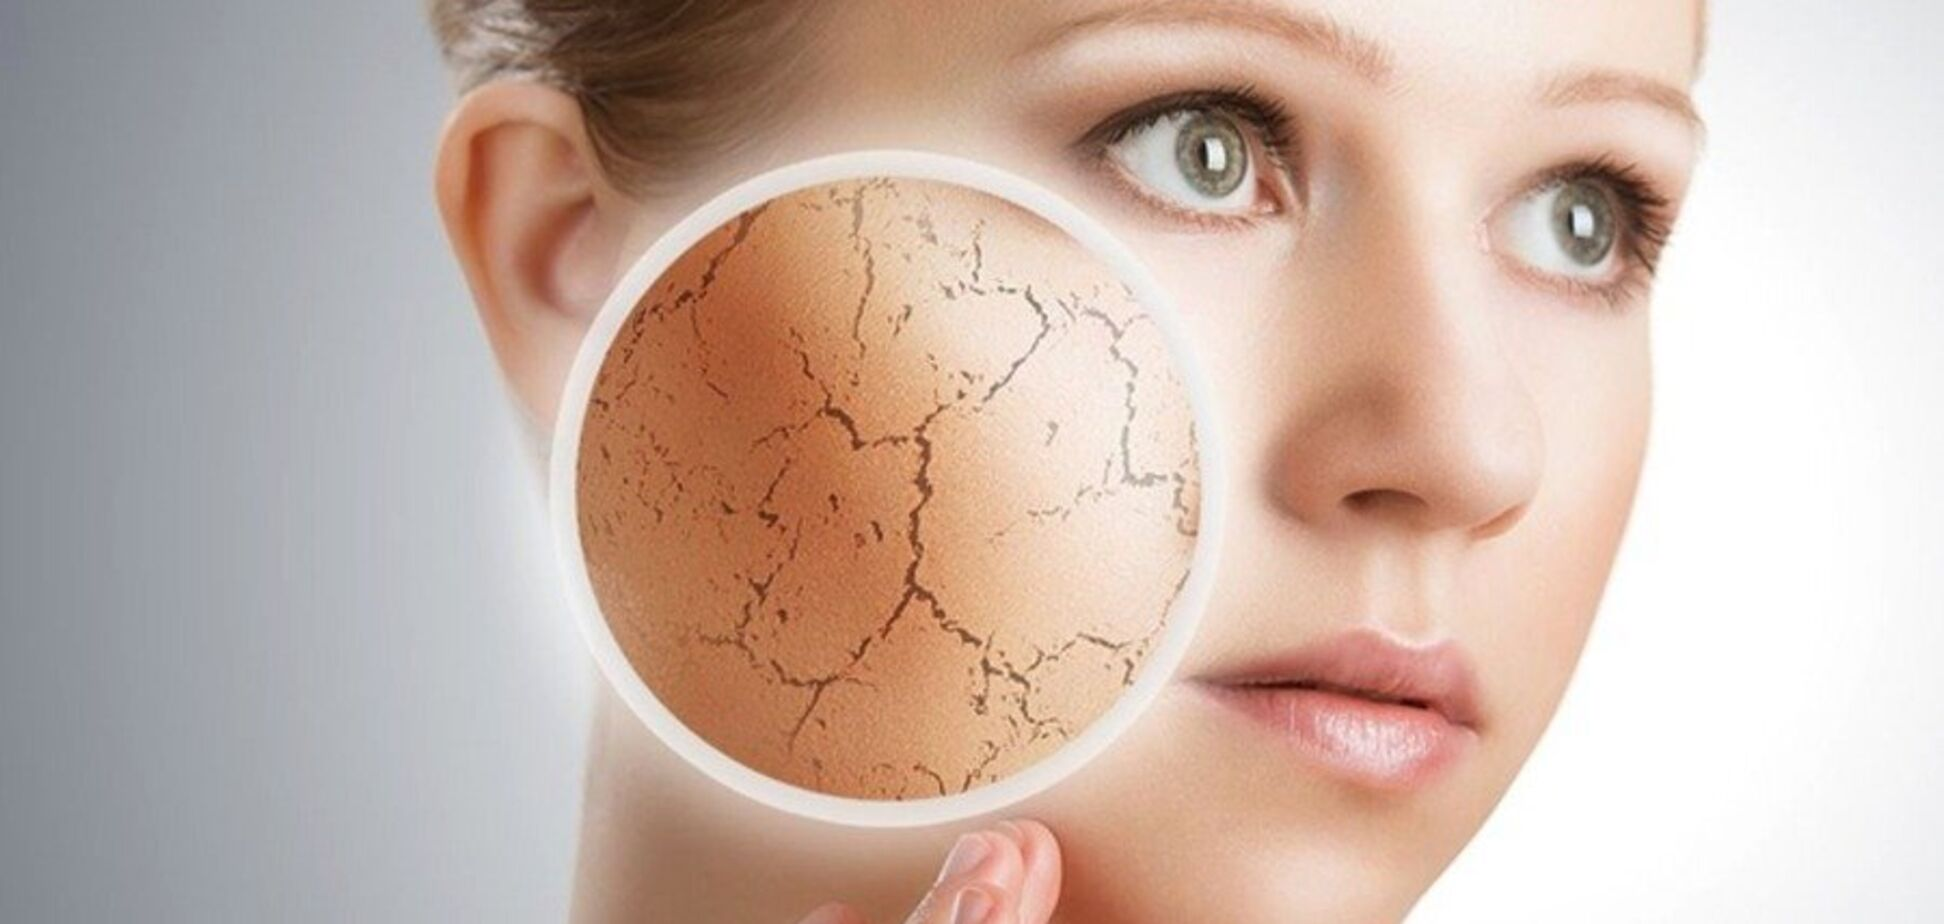 Сухая кожа: причины и в чем опасность